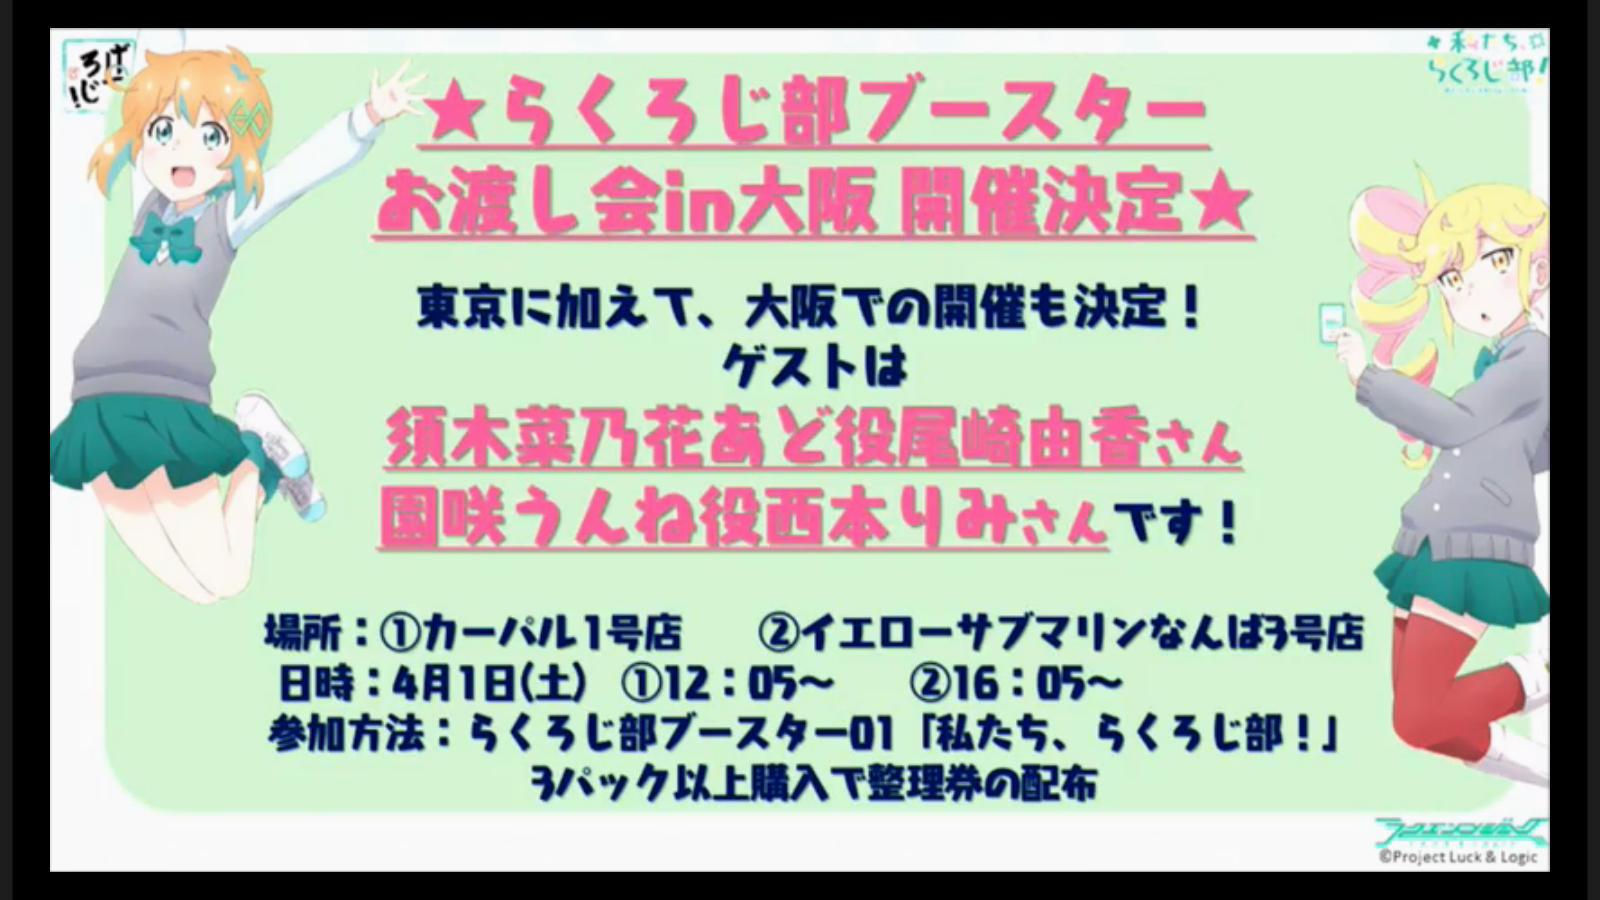 bshi-live-170306-017.jpg